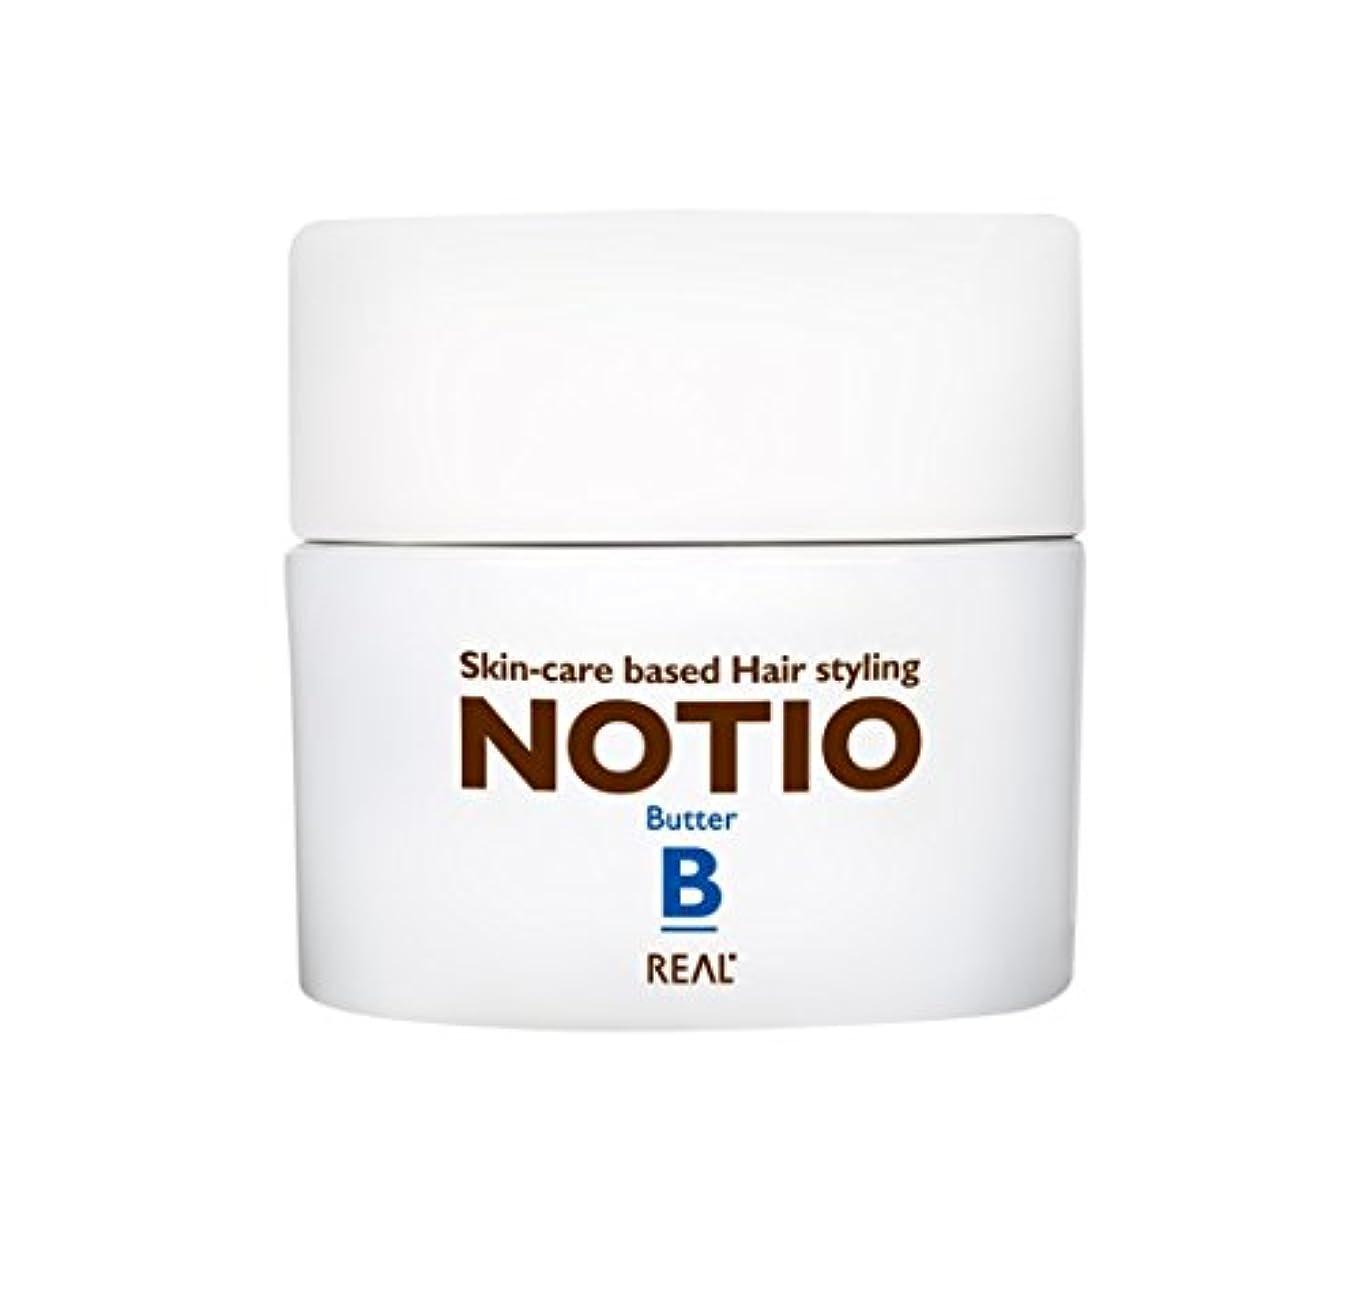 語データ役立つリアル化学 ノティオ (NOTIO) バター 45g